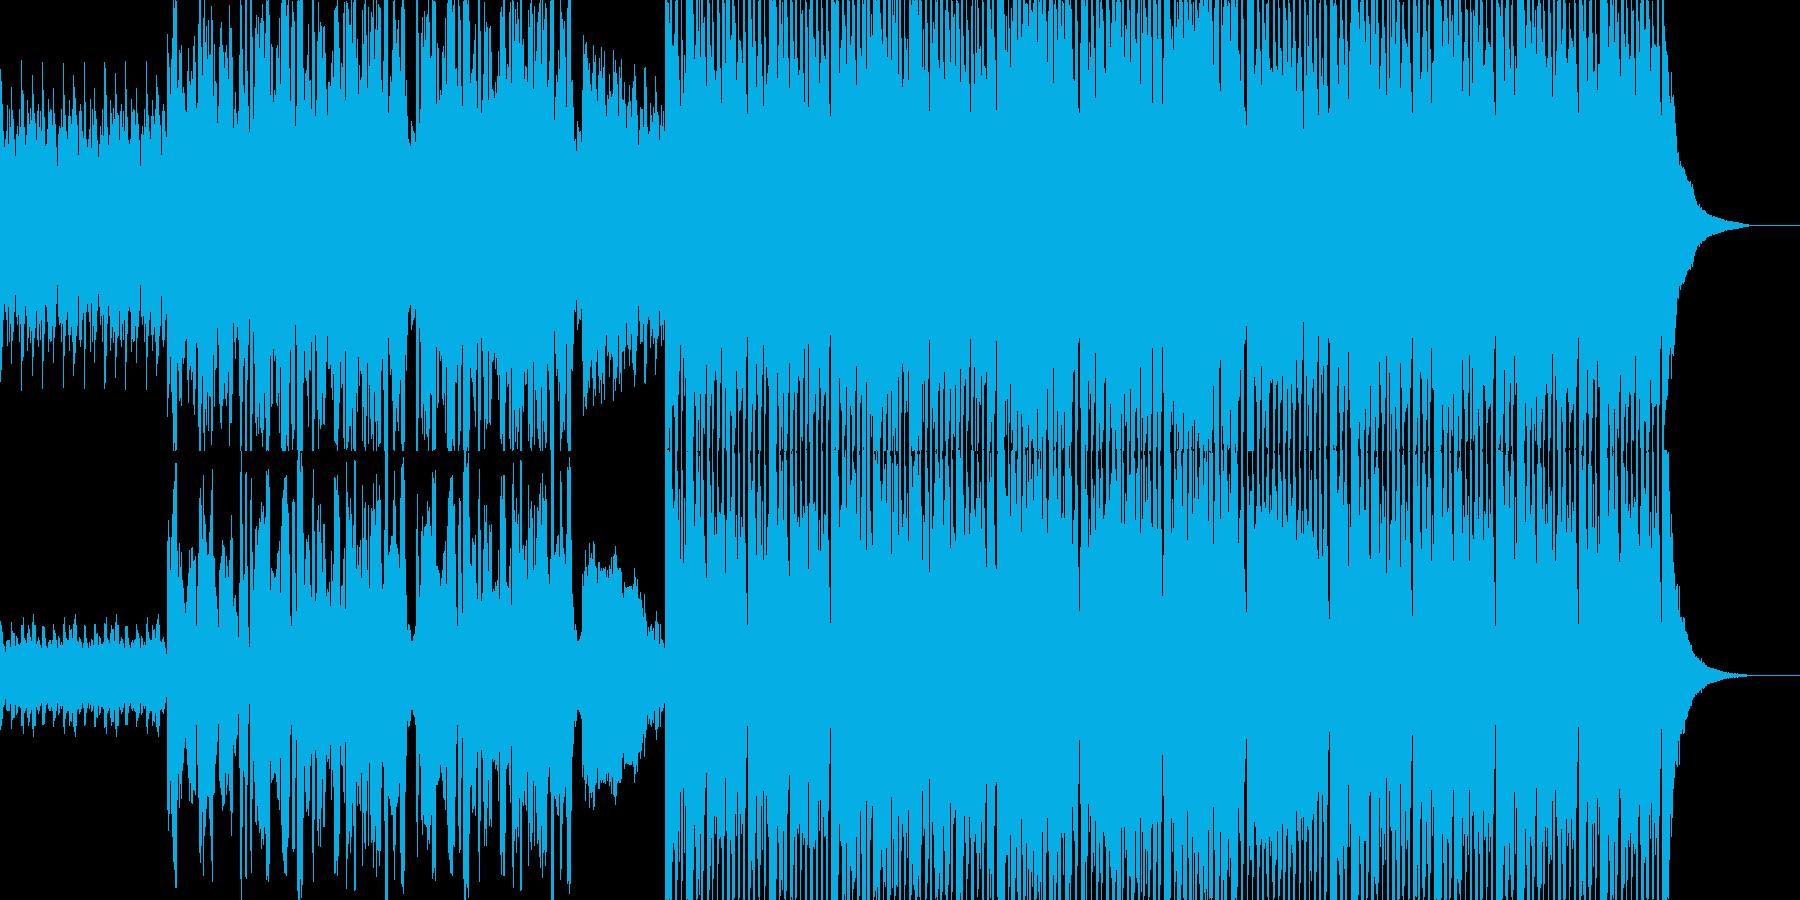 ノリノリになるカントリーミュージックの再生済みの波形